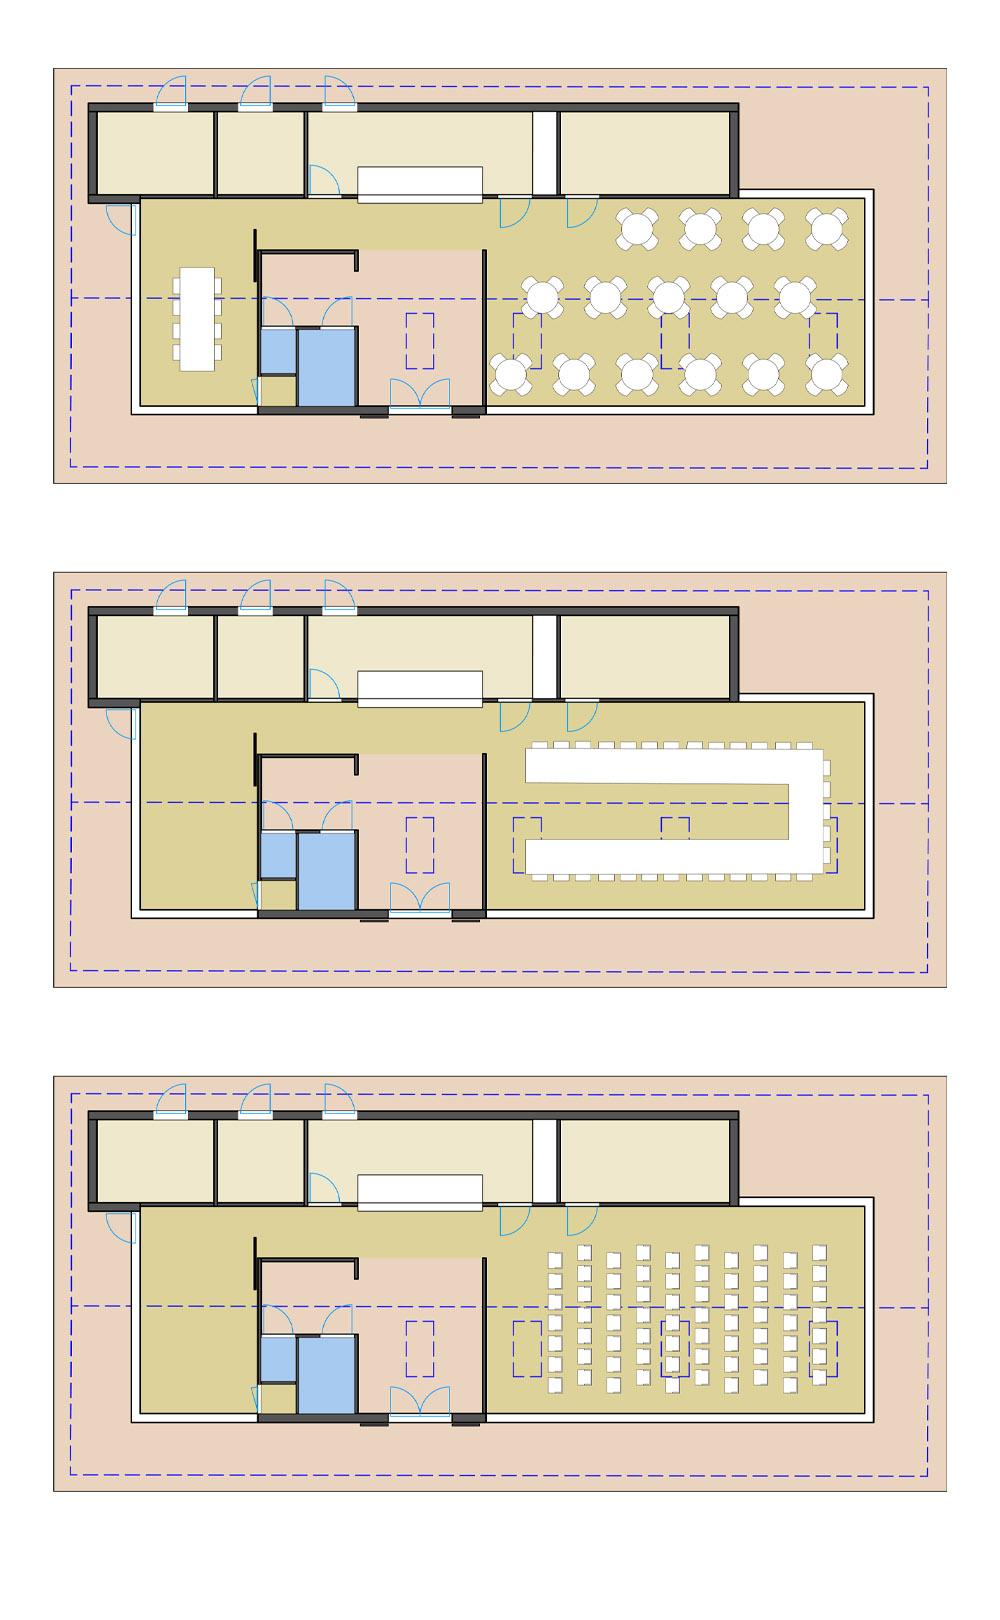 pr architectenburo - Plattegrond bezoekerscentrum Brederode